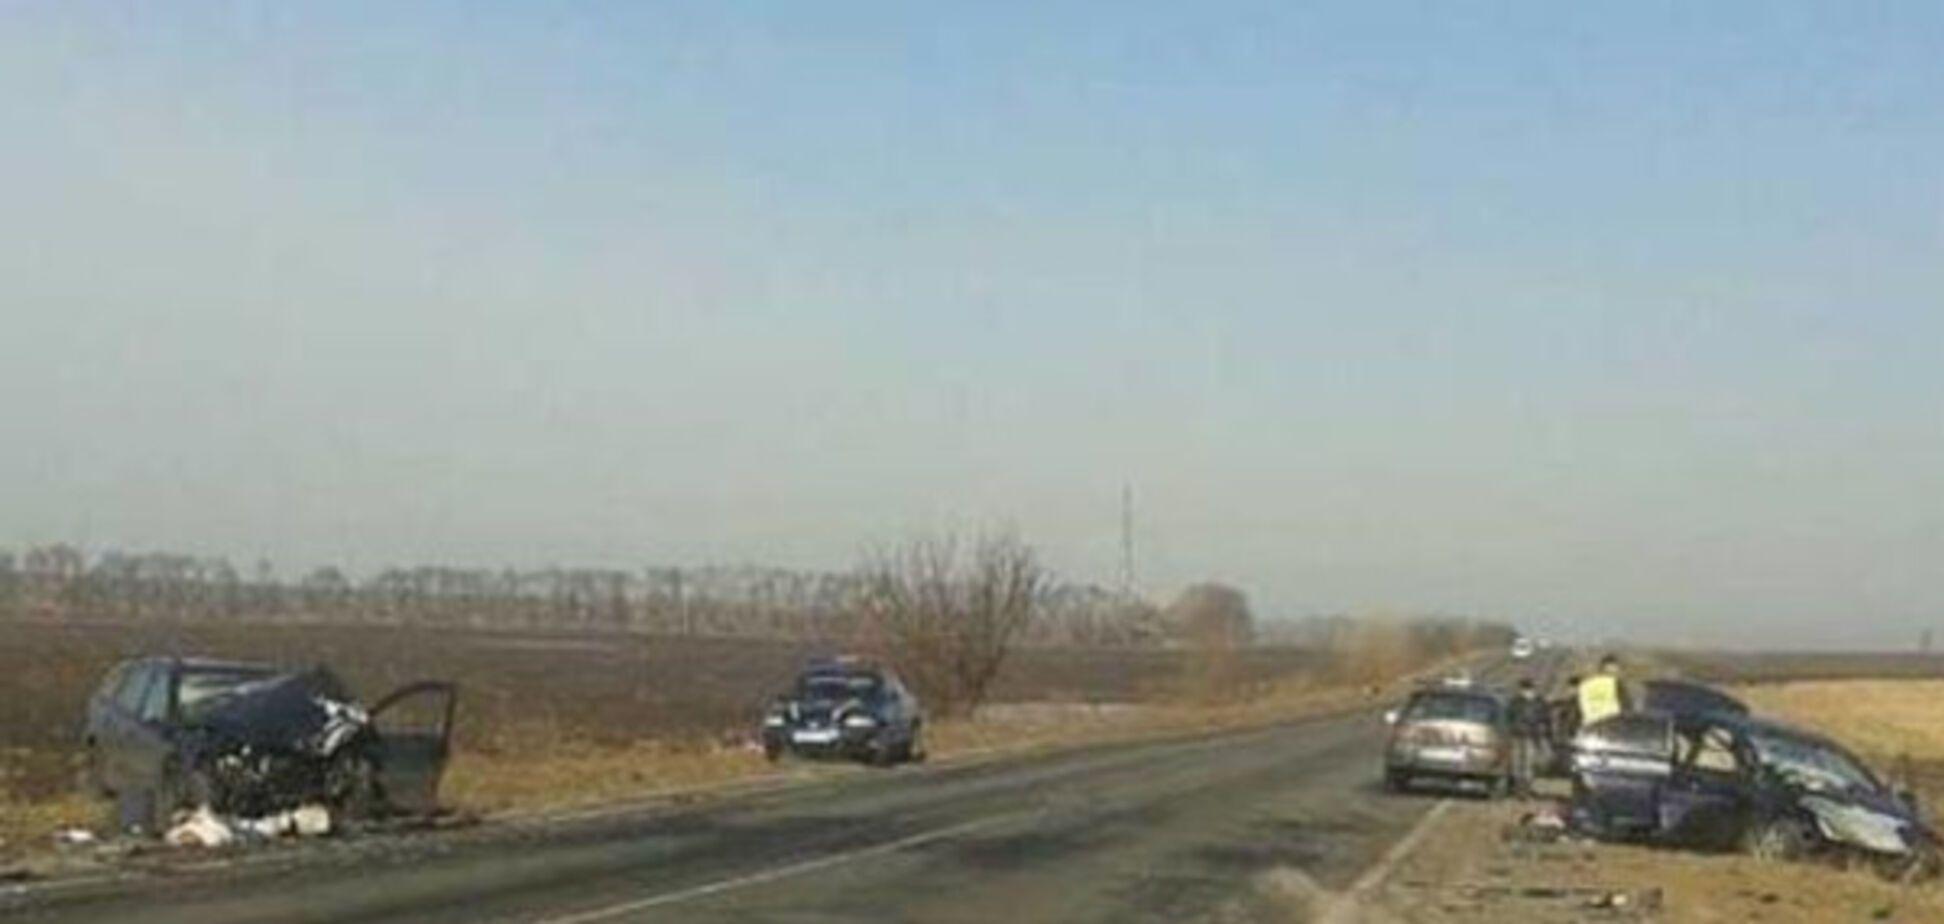 Под Киевом произошло страшное смертельное ДТП: опубликовано фото